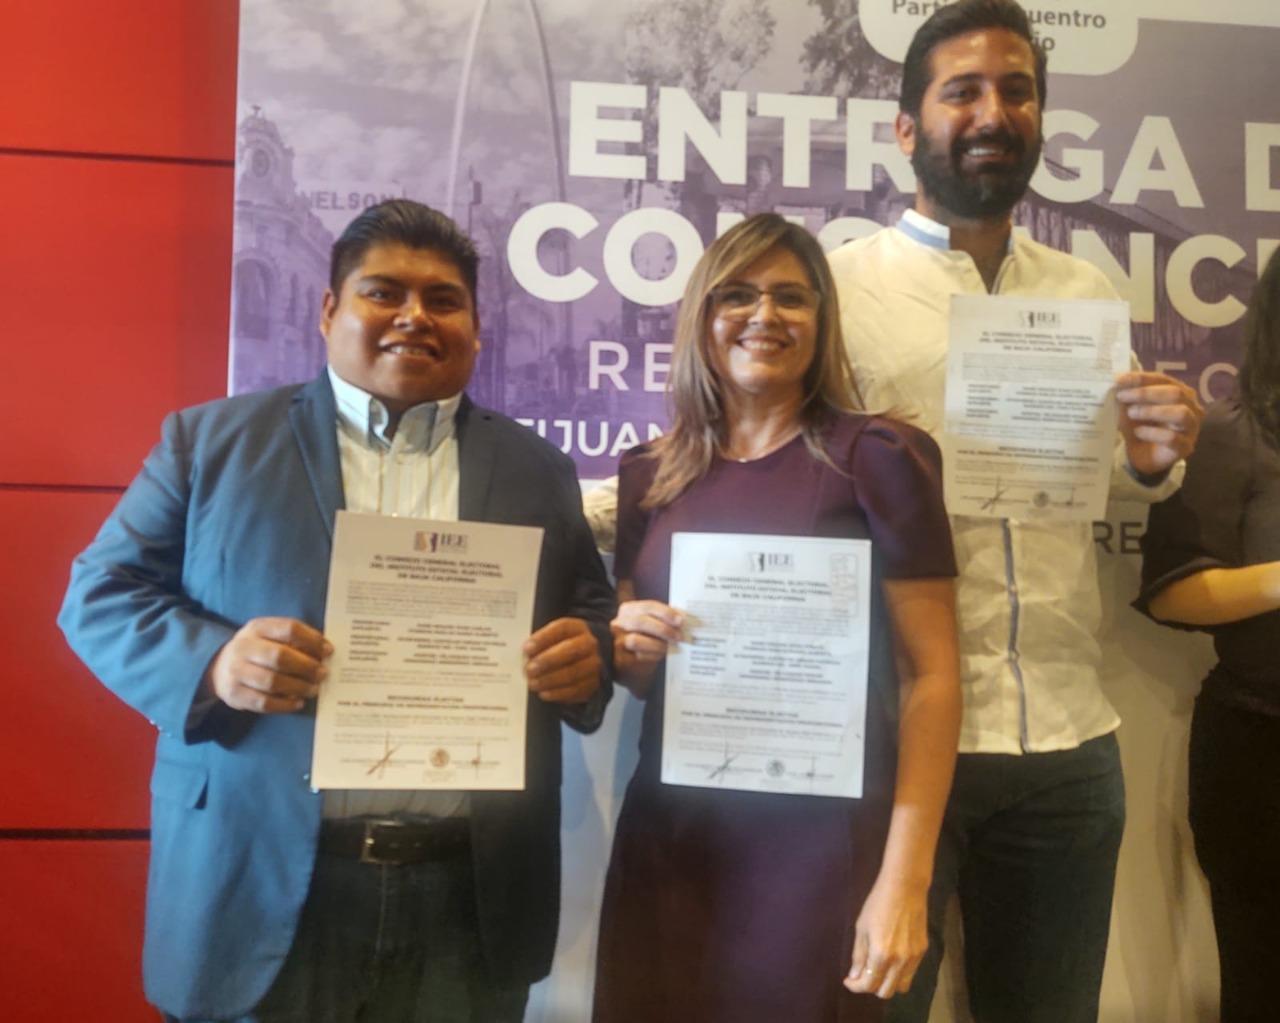 Los intereses de los ciudadanos serán mi bandera: Miriam Echeverría